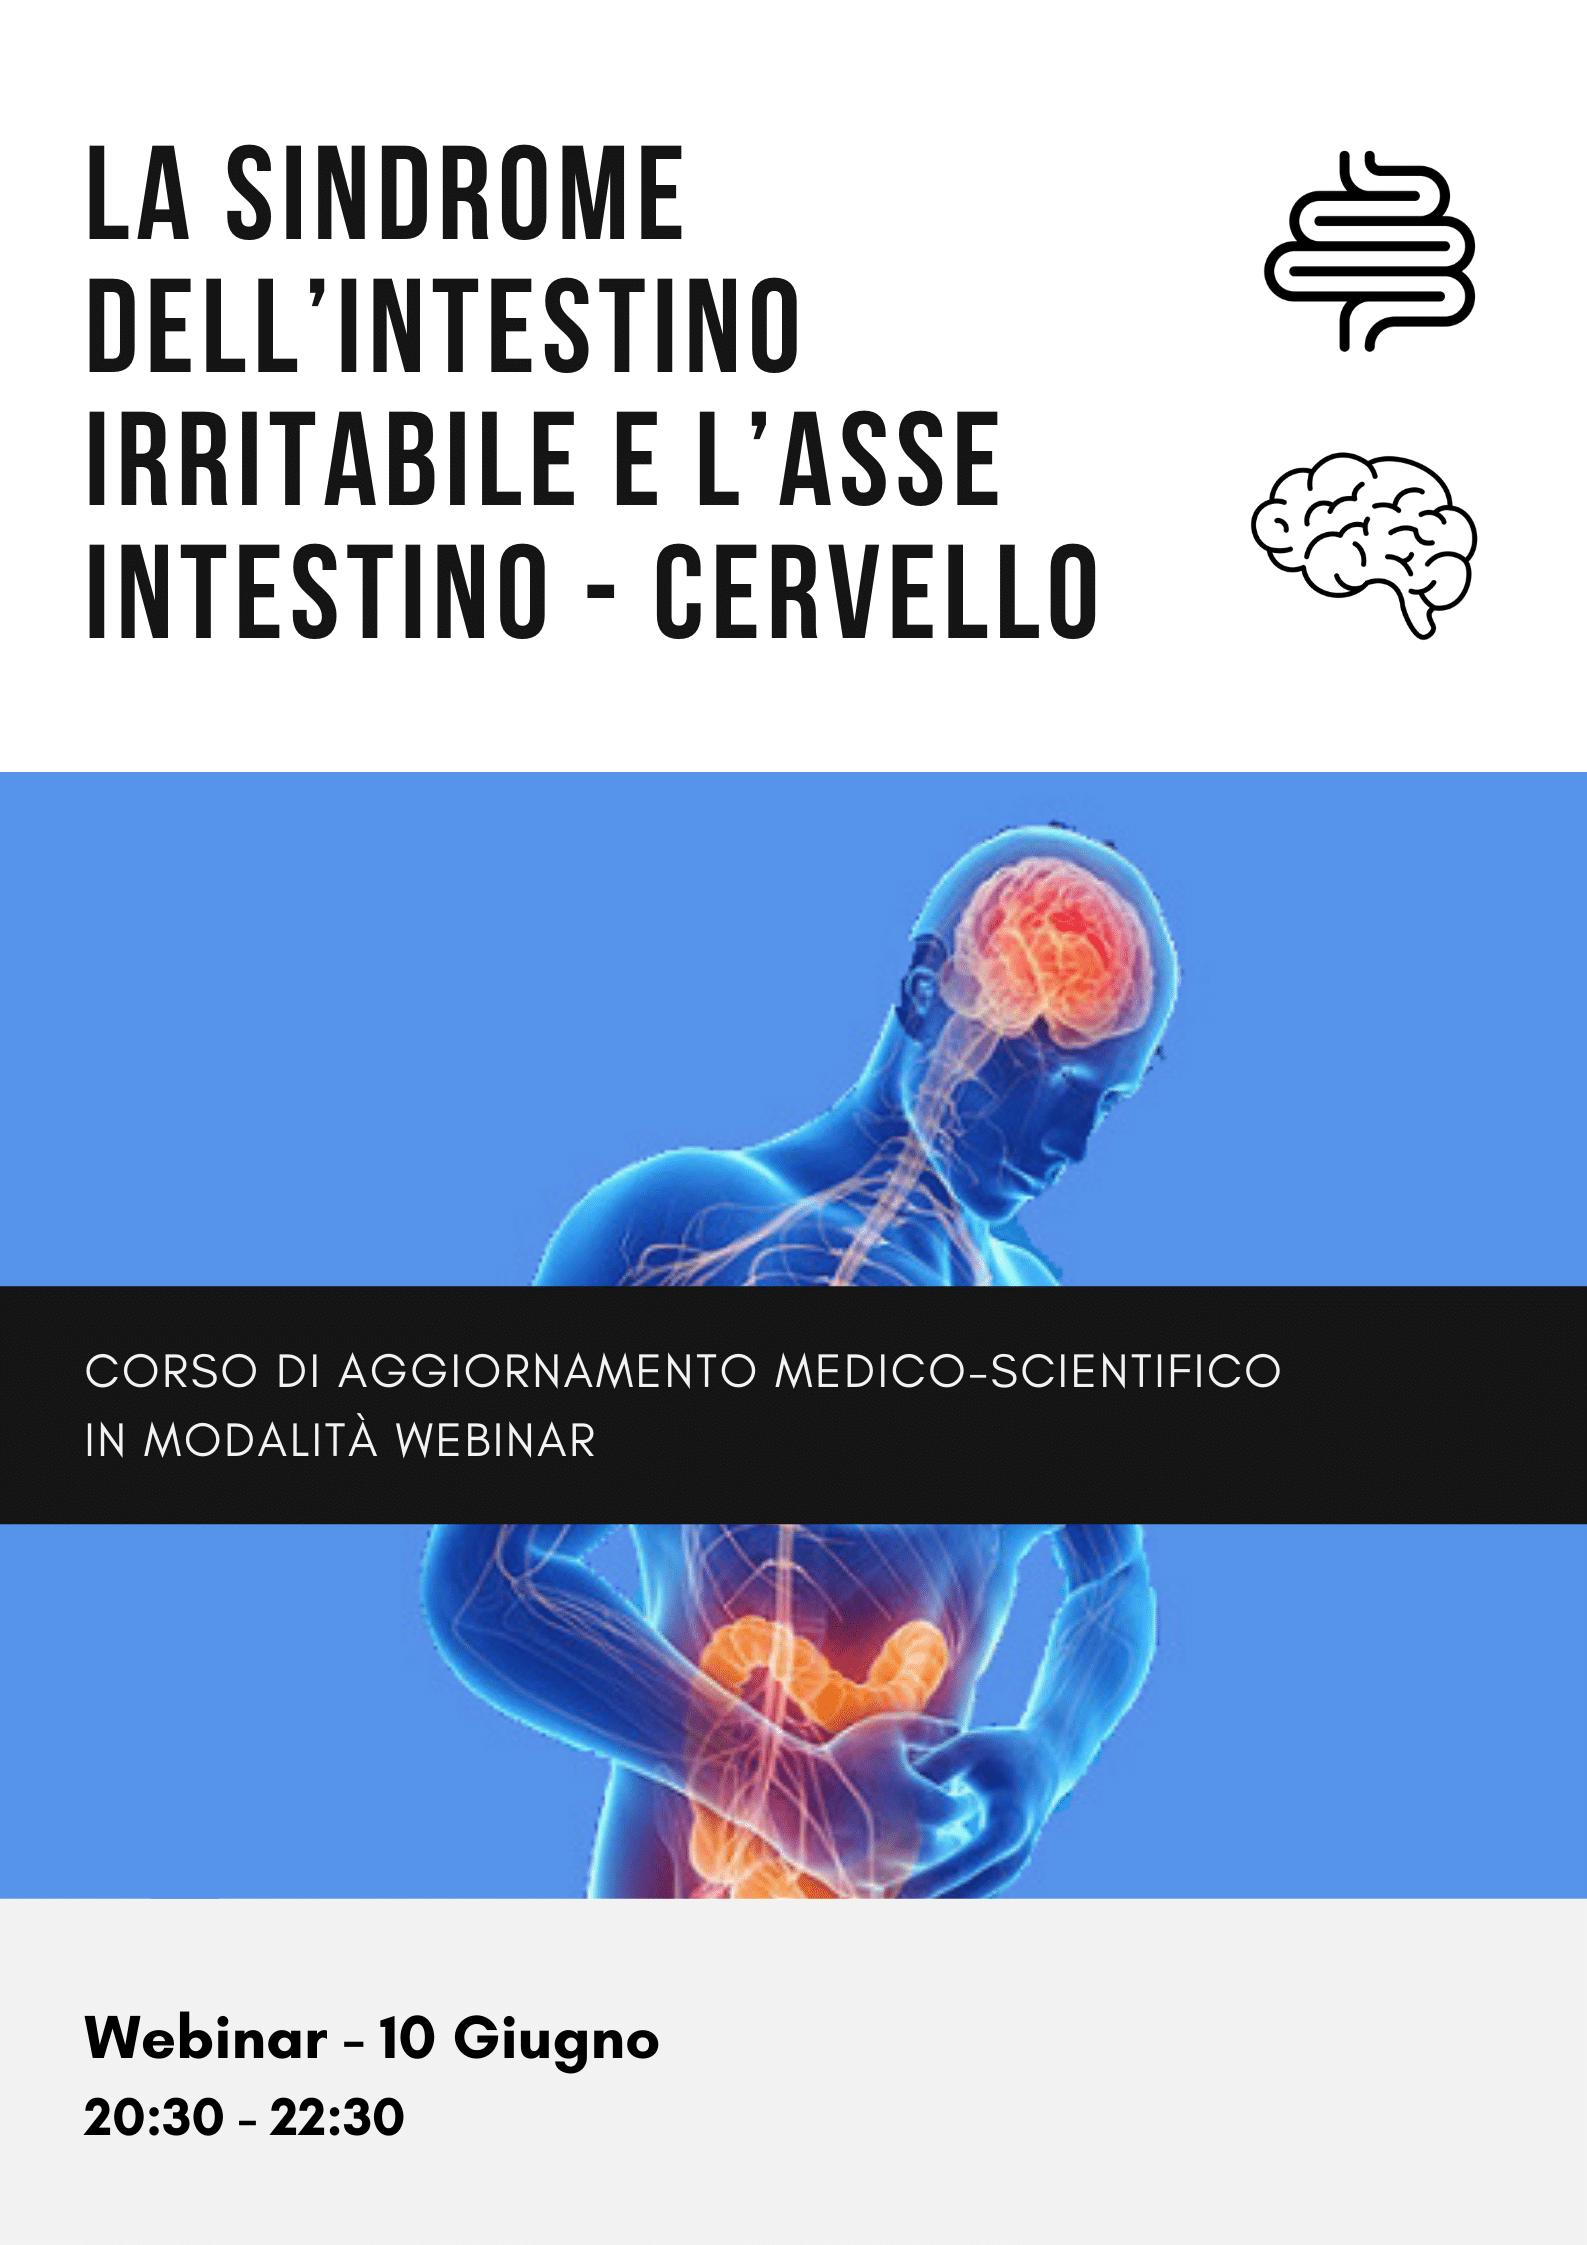 La Sindrome dell'intestino irritabile e l'asse Intestino - Cervello